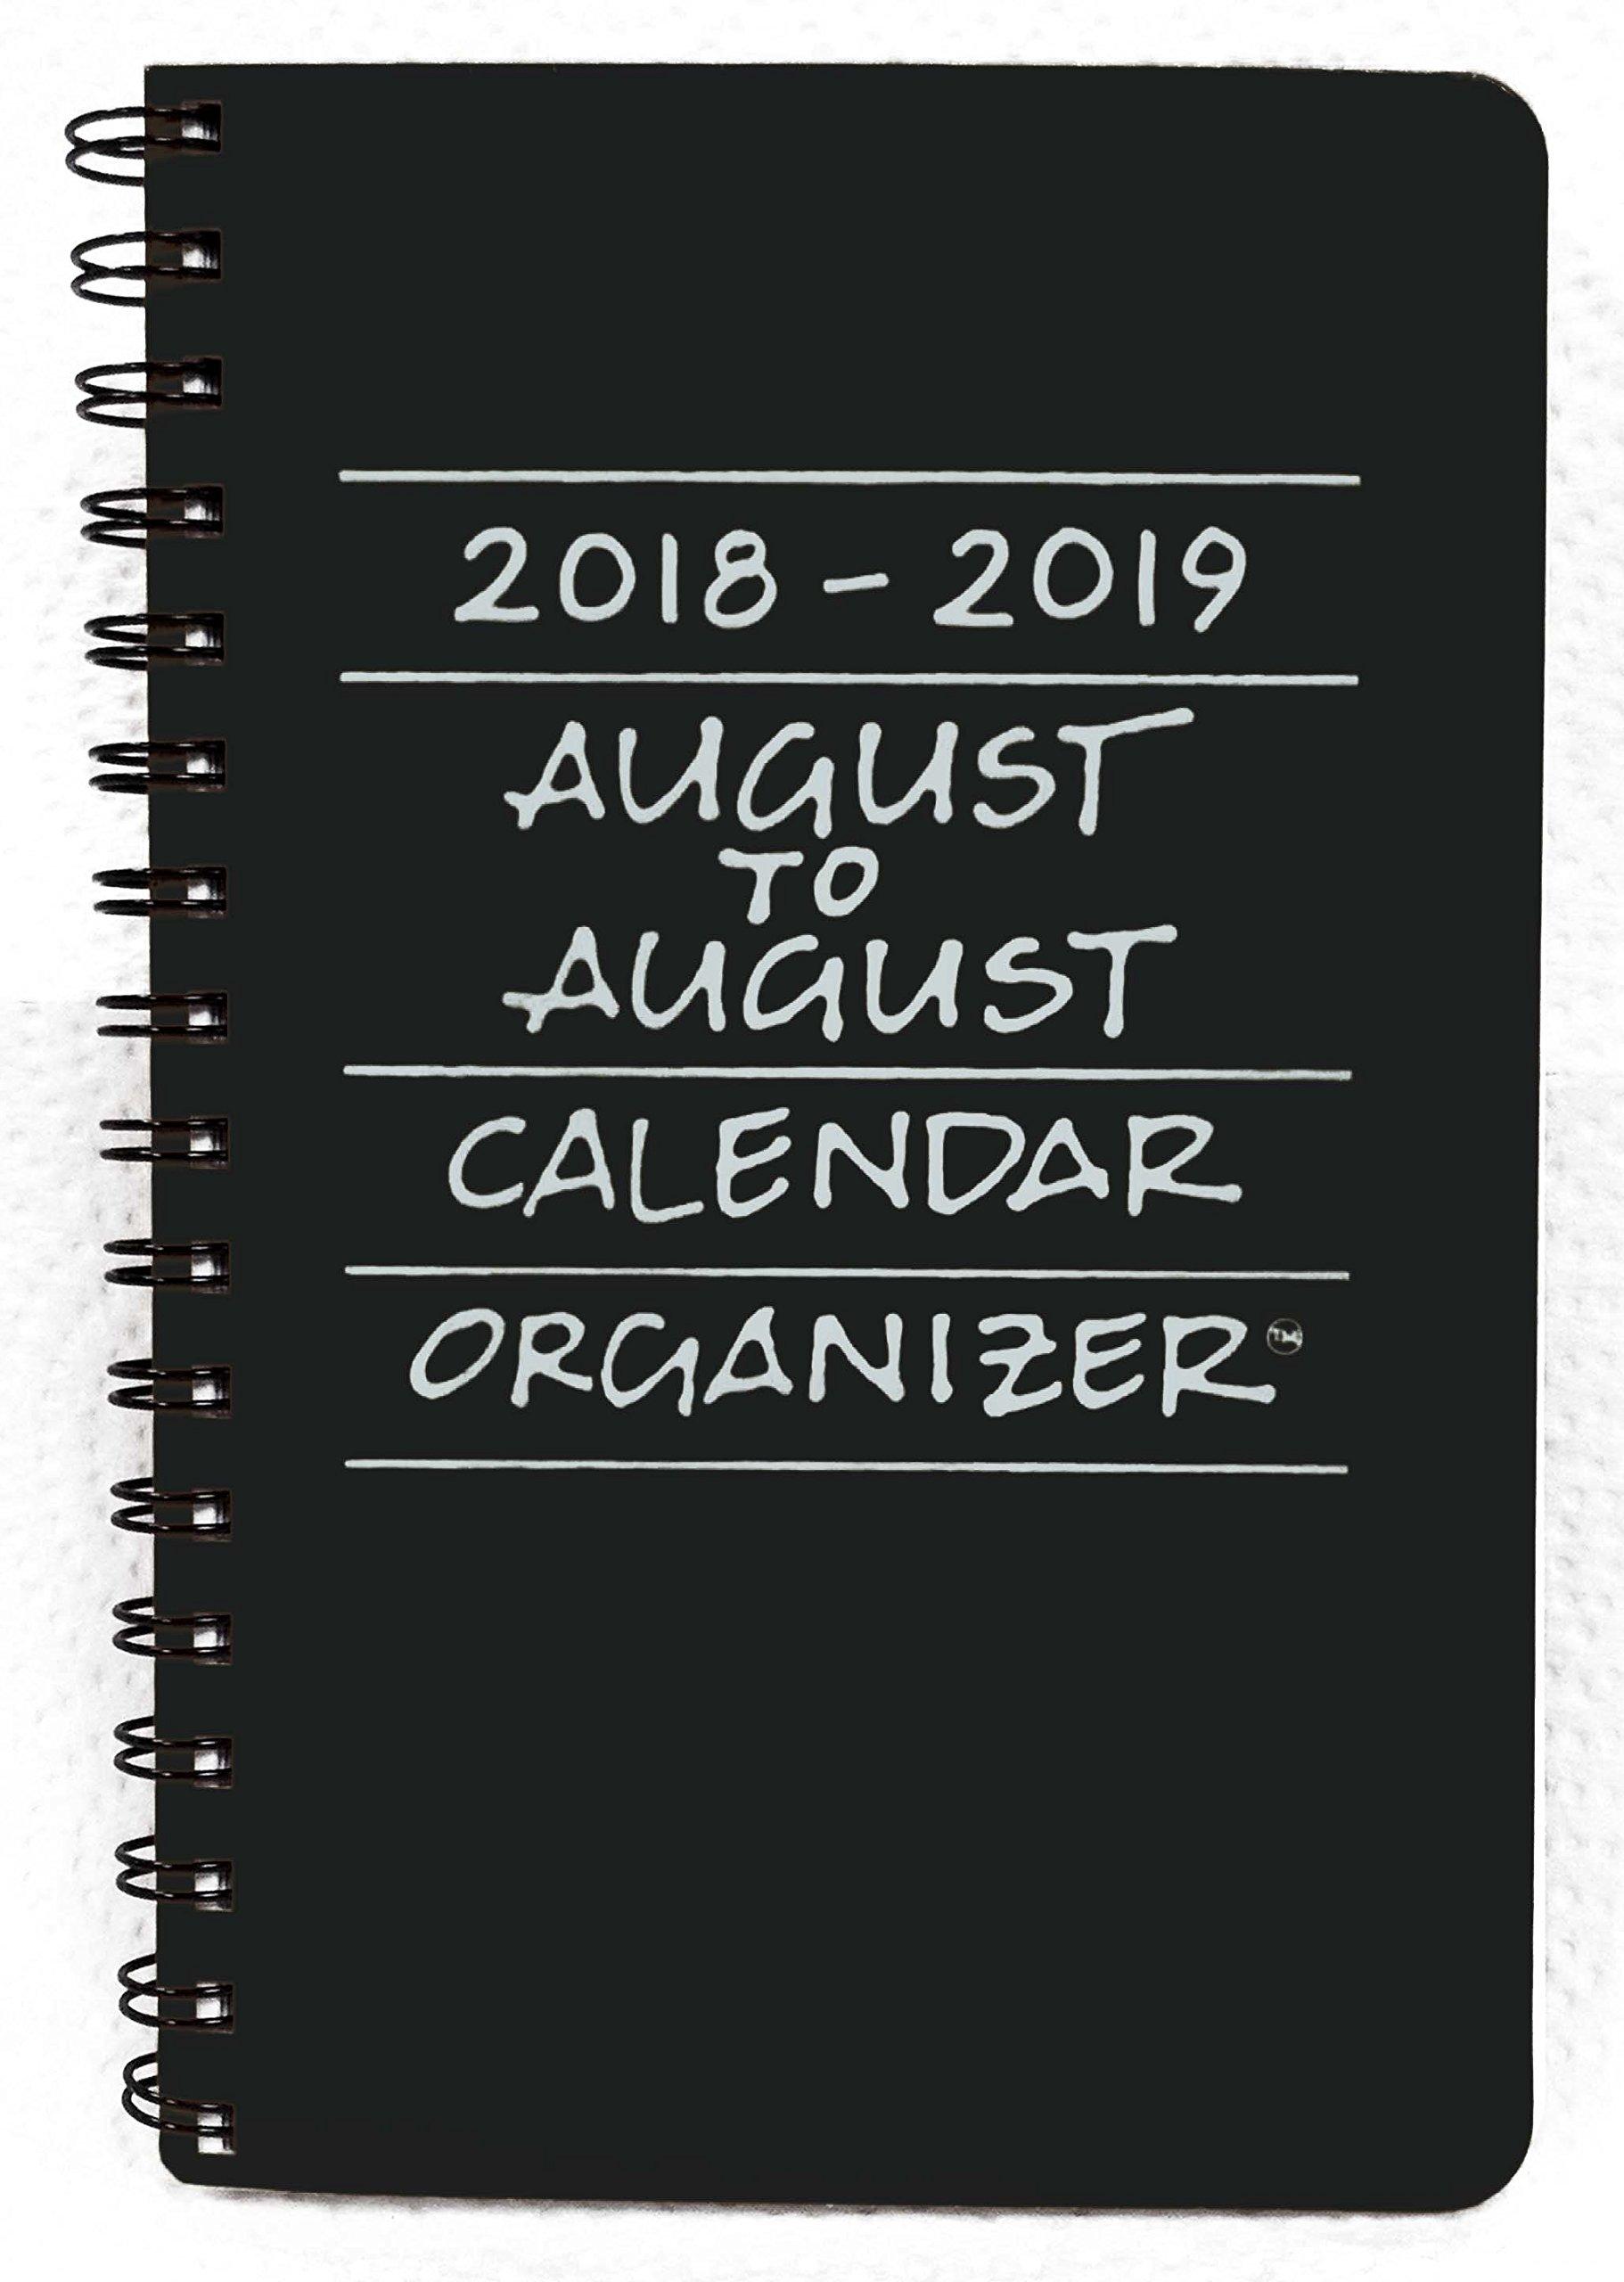 2018-2019 August to August Calendar Organizer- Licorice